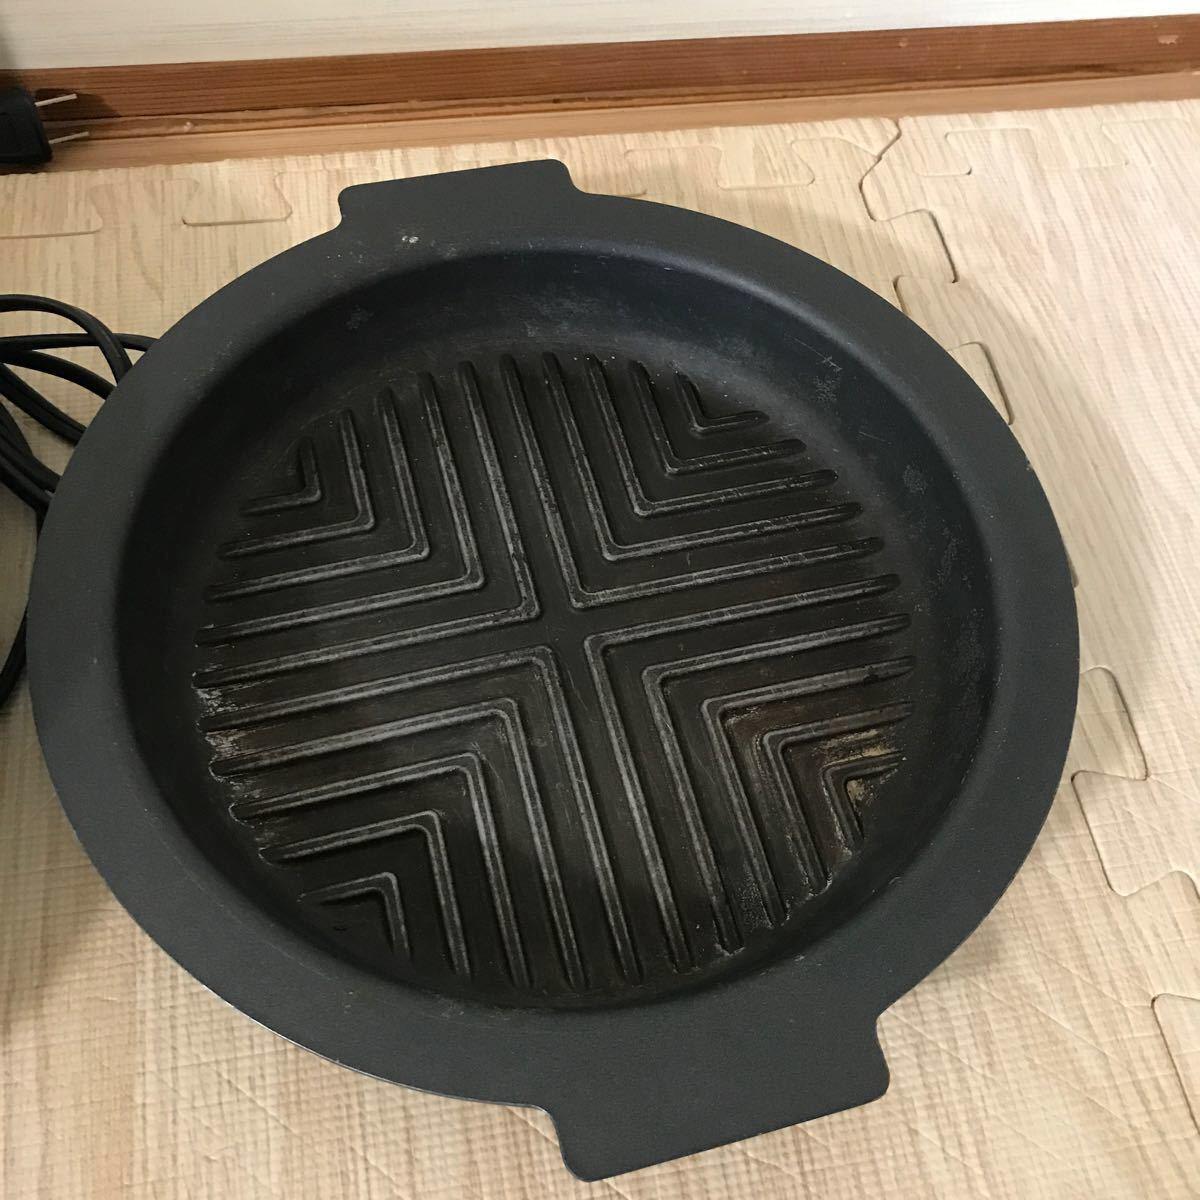 日本製 レギュール グリルパン3点セット  ホットプレート たこ焼きプレート 焼肉プレート 鍋